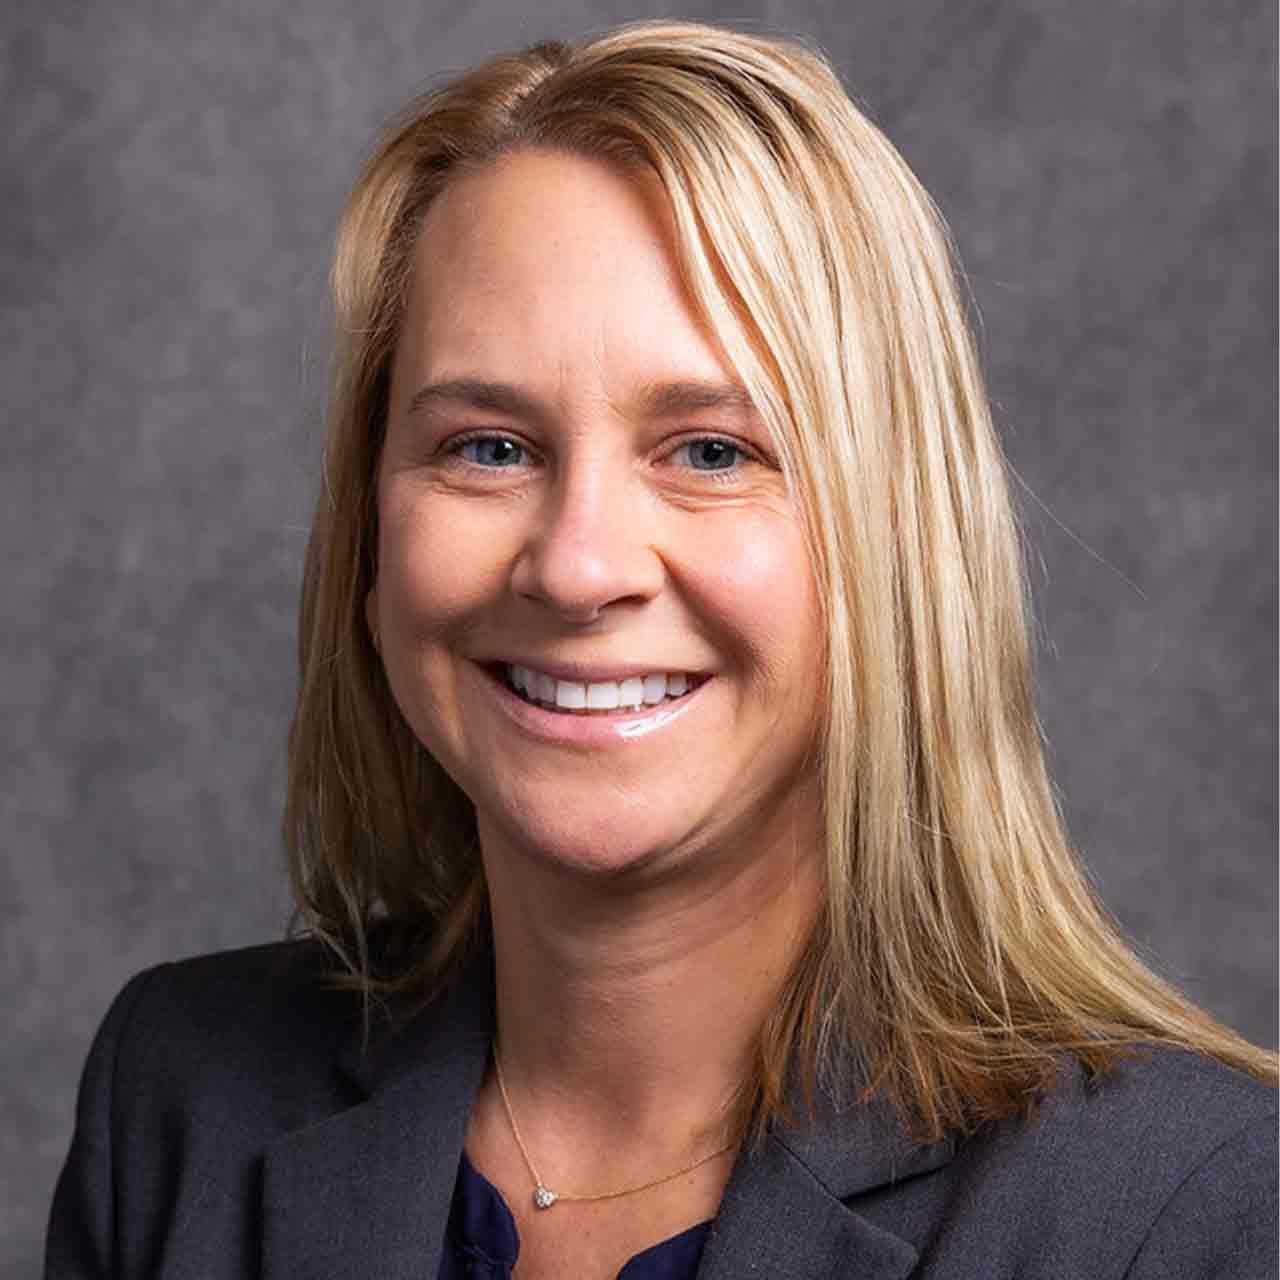 Jill B. Treeful